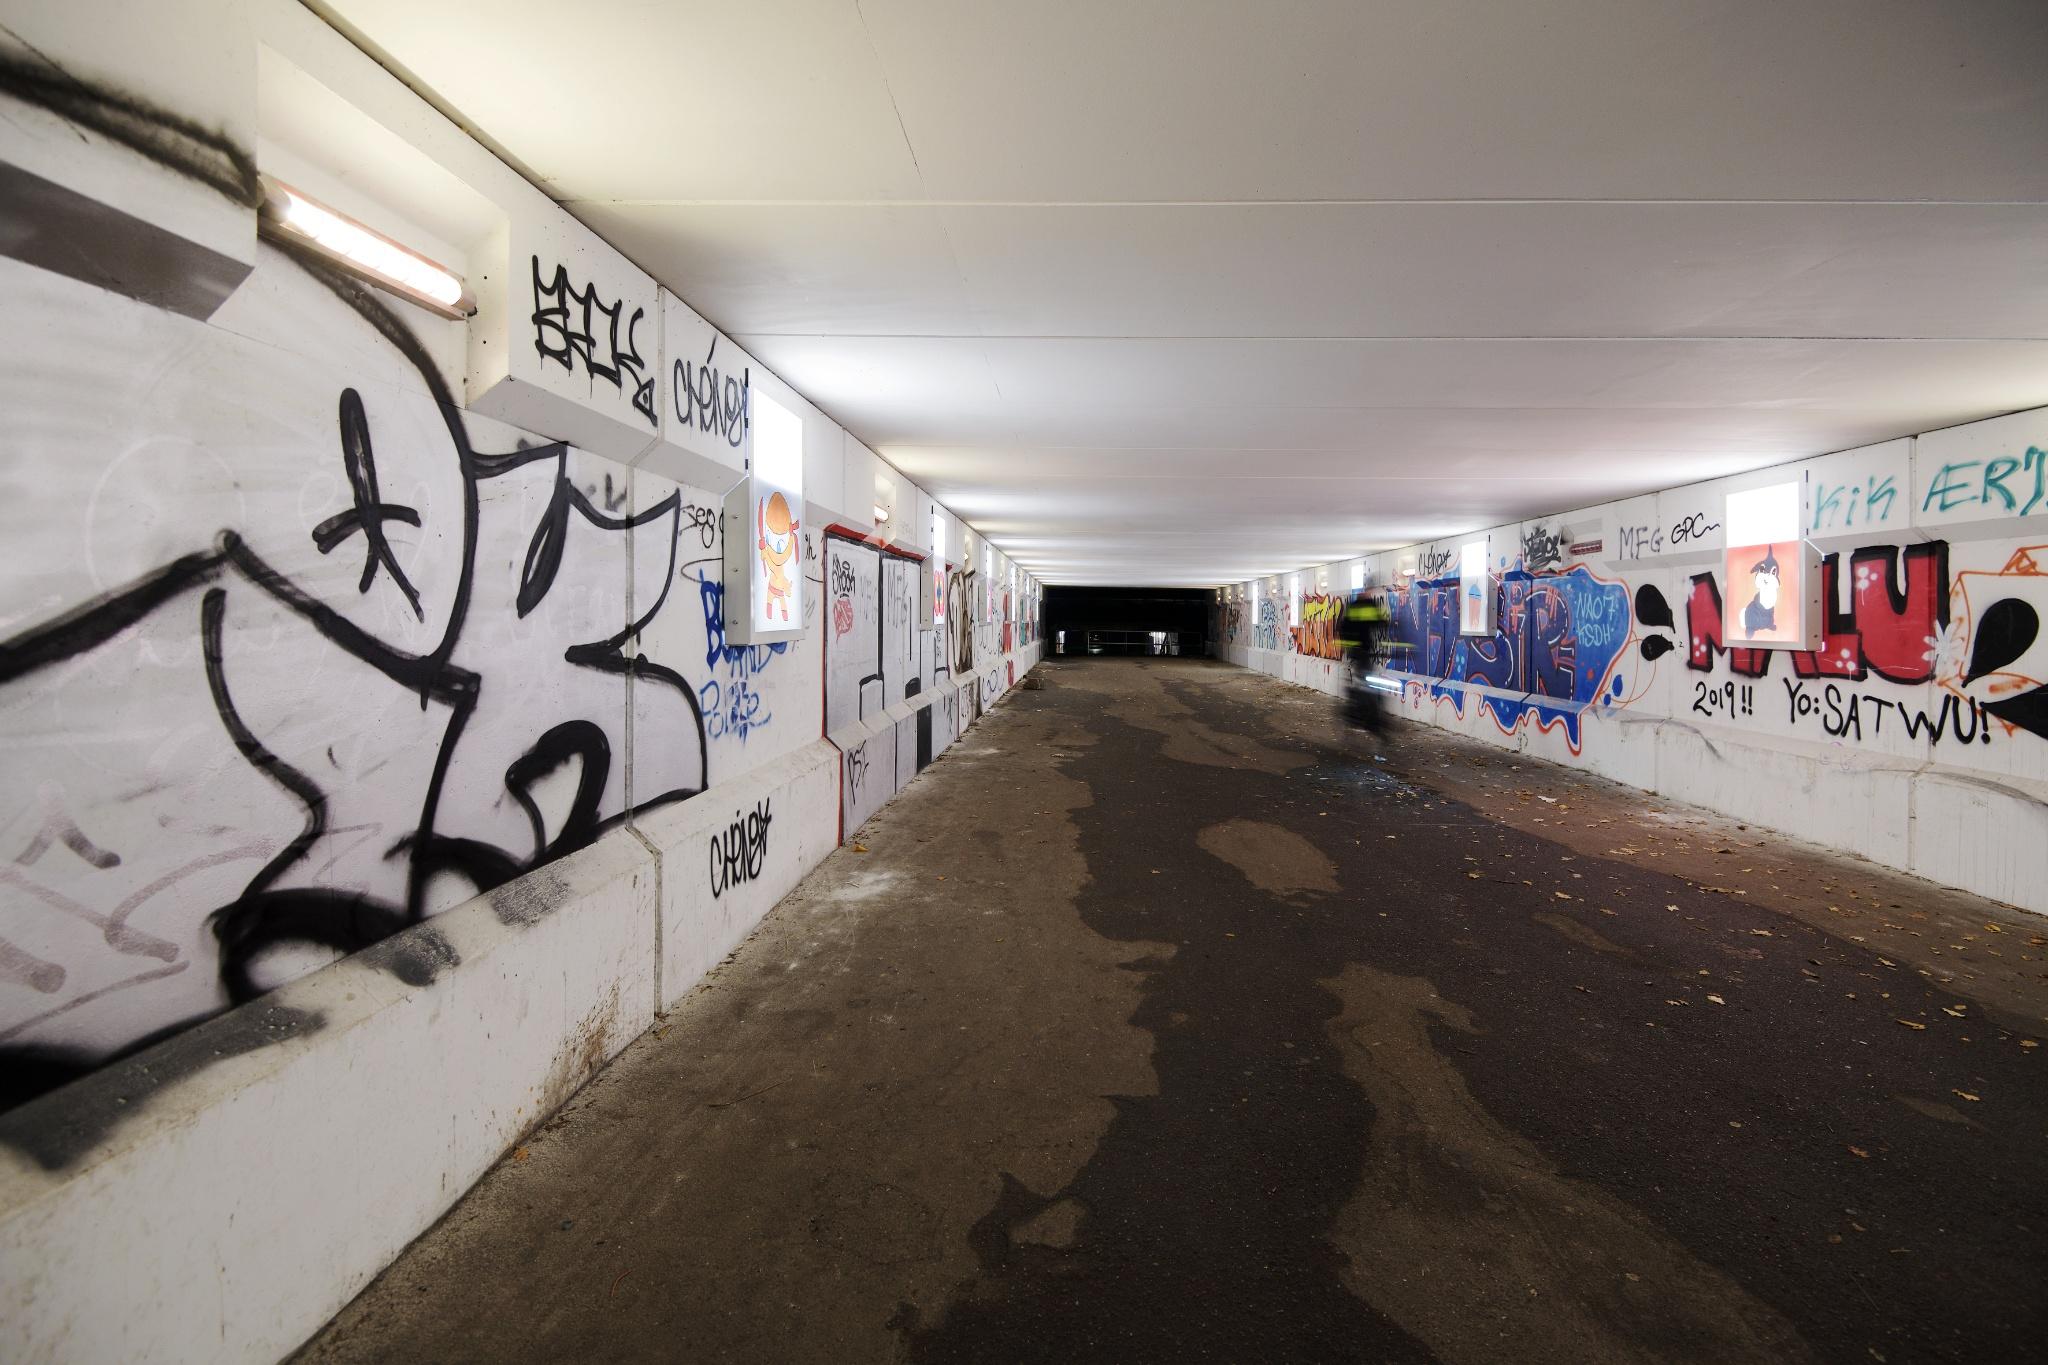 LYS_TUNNEL_CITY_VEST_DSC_6687